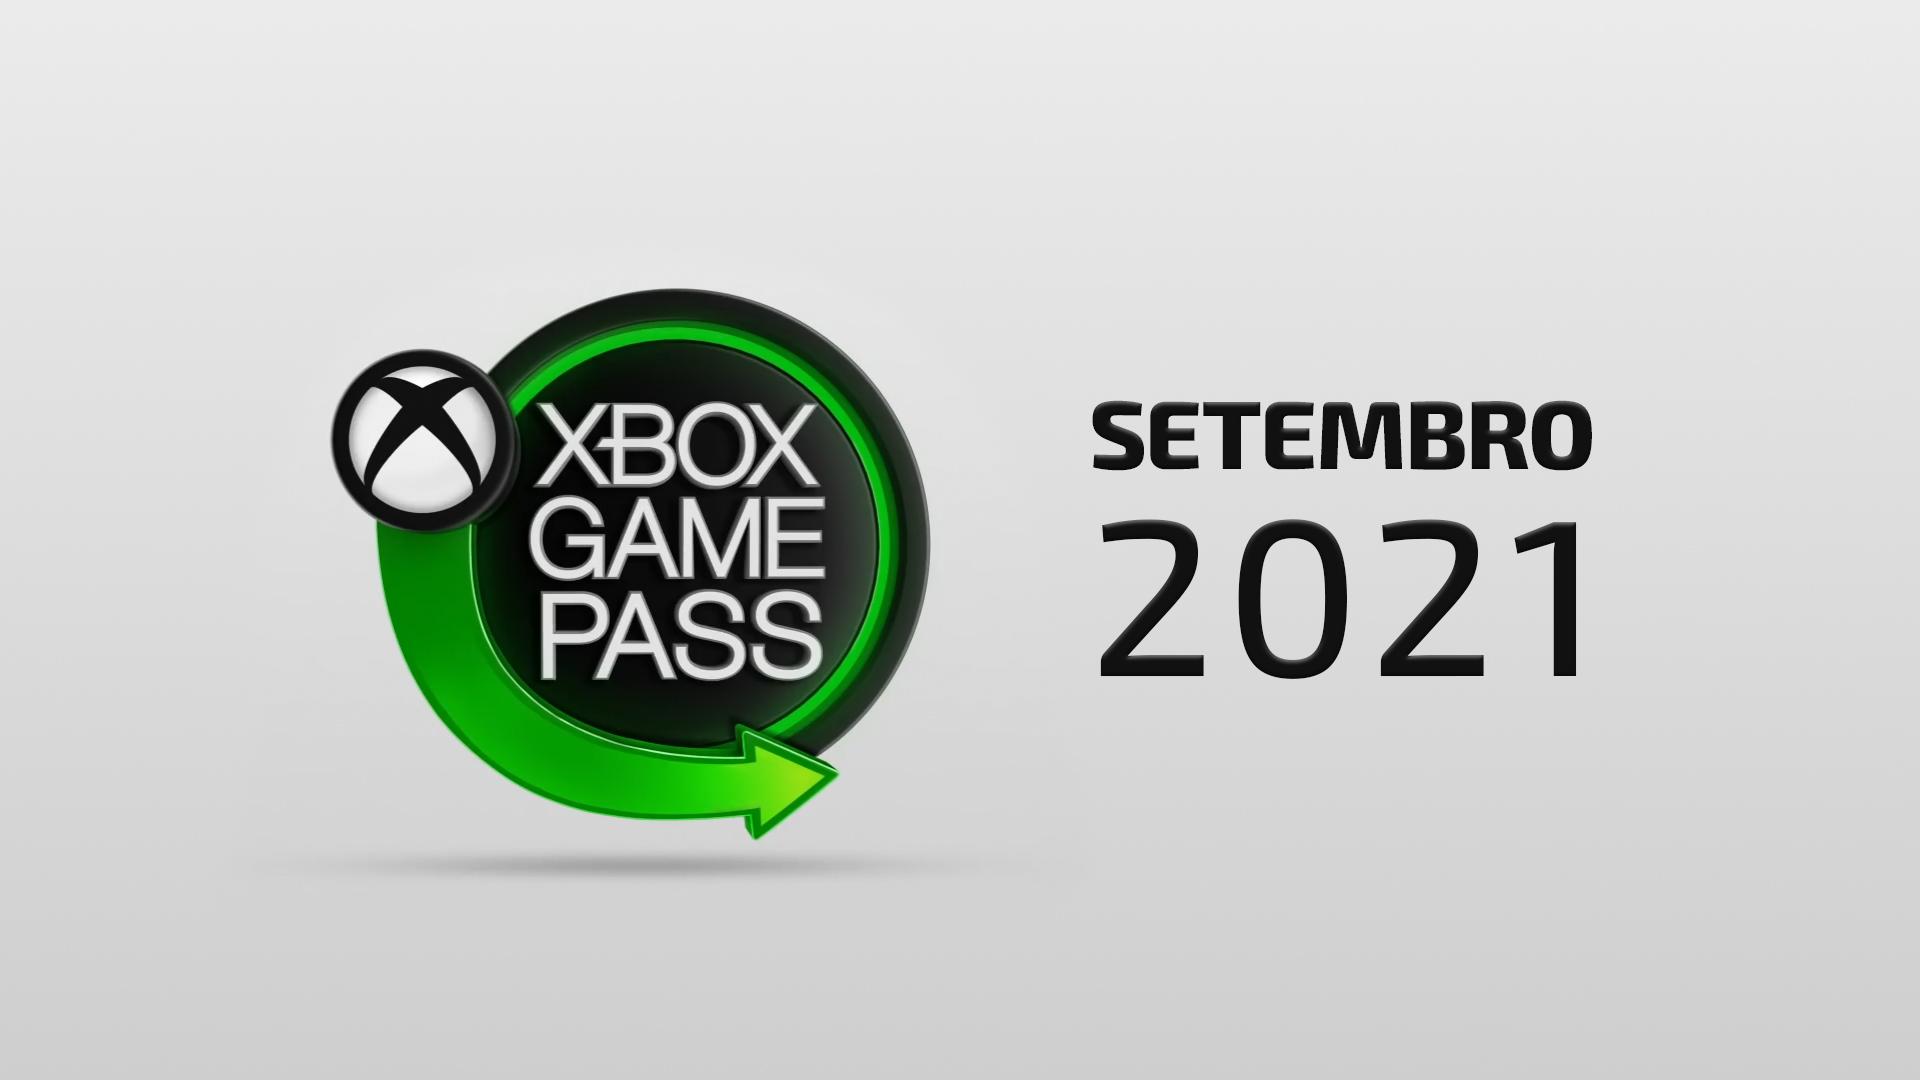 Jogos: Xbox Game Pass inclui Final Fantasy XIII e mais 7 jogos em setembro